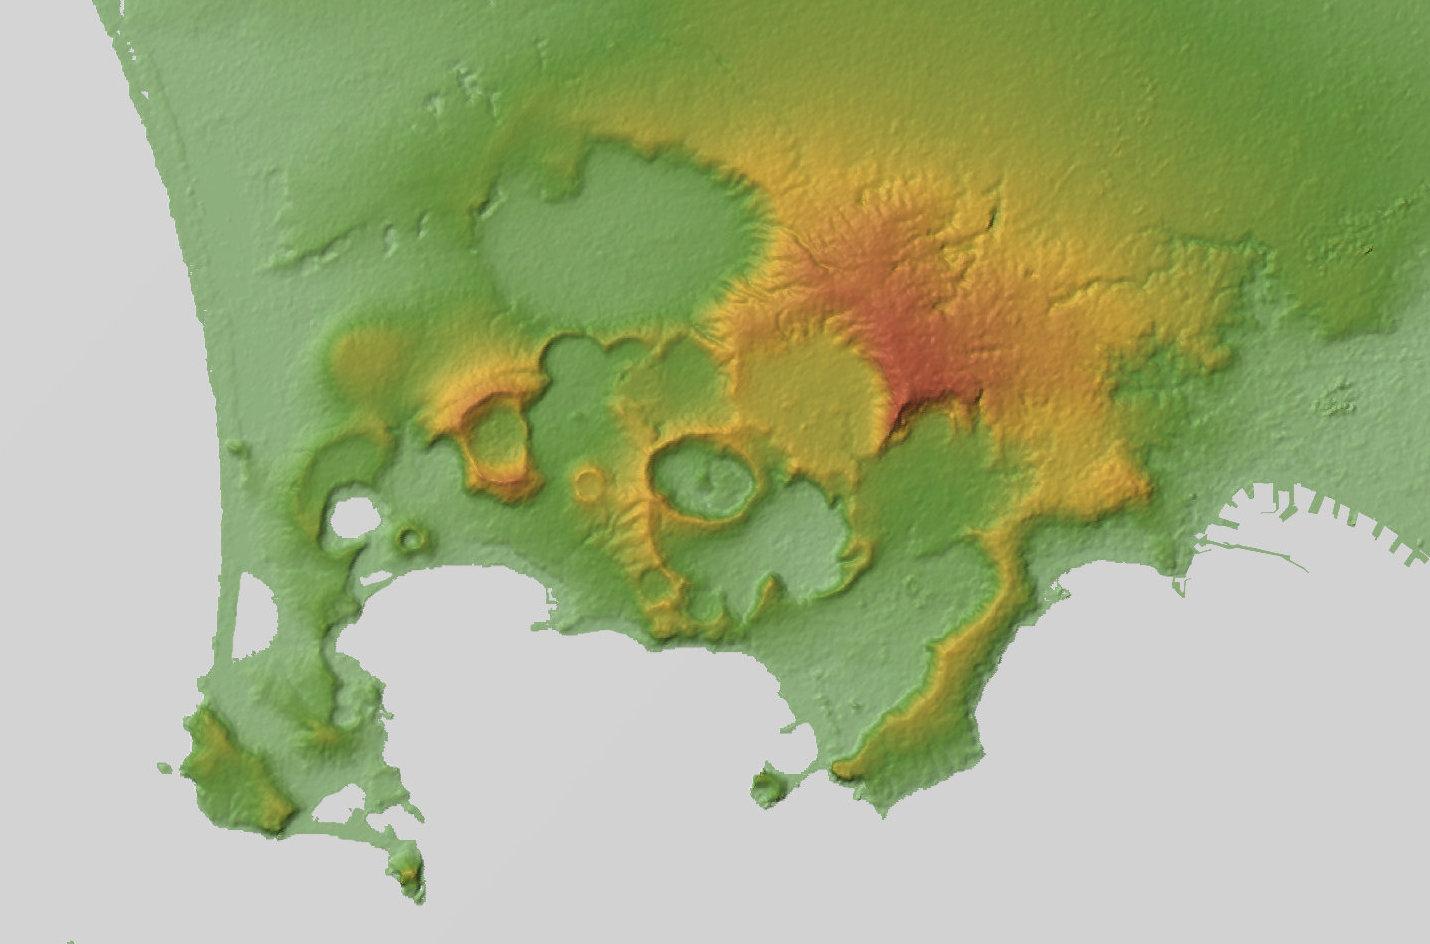 Mapa de la actividad volcánica en la costa de Nápoles. Los tonos rojos corresponden a una actividad volcánica más elevada.